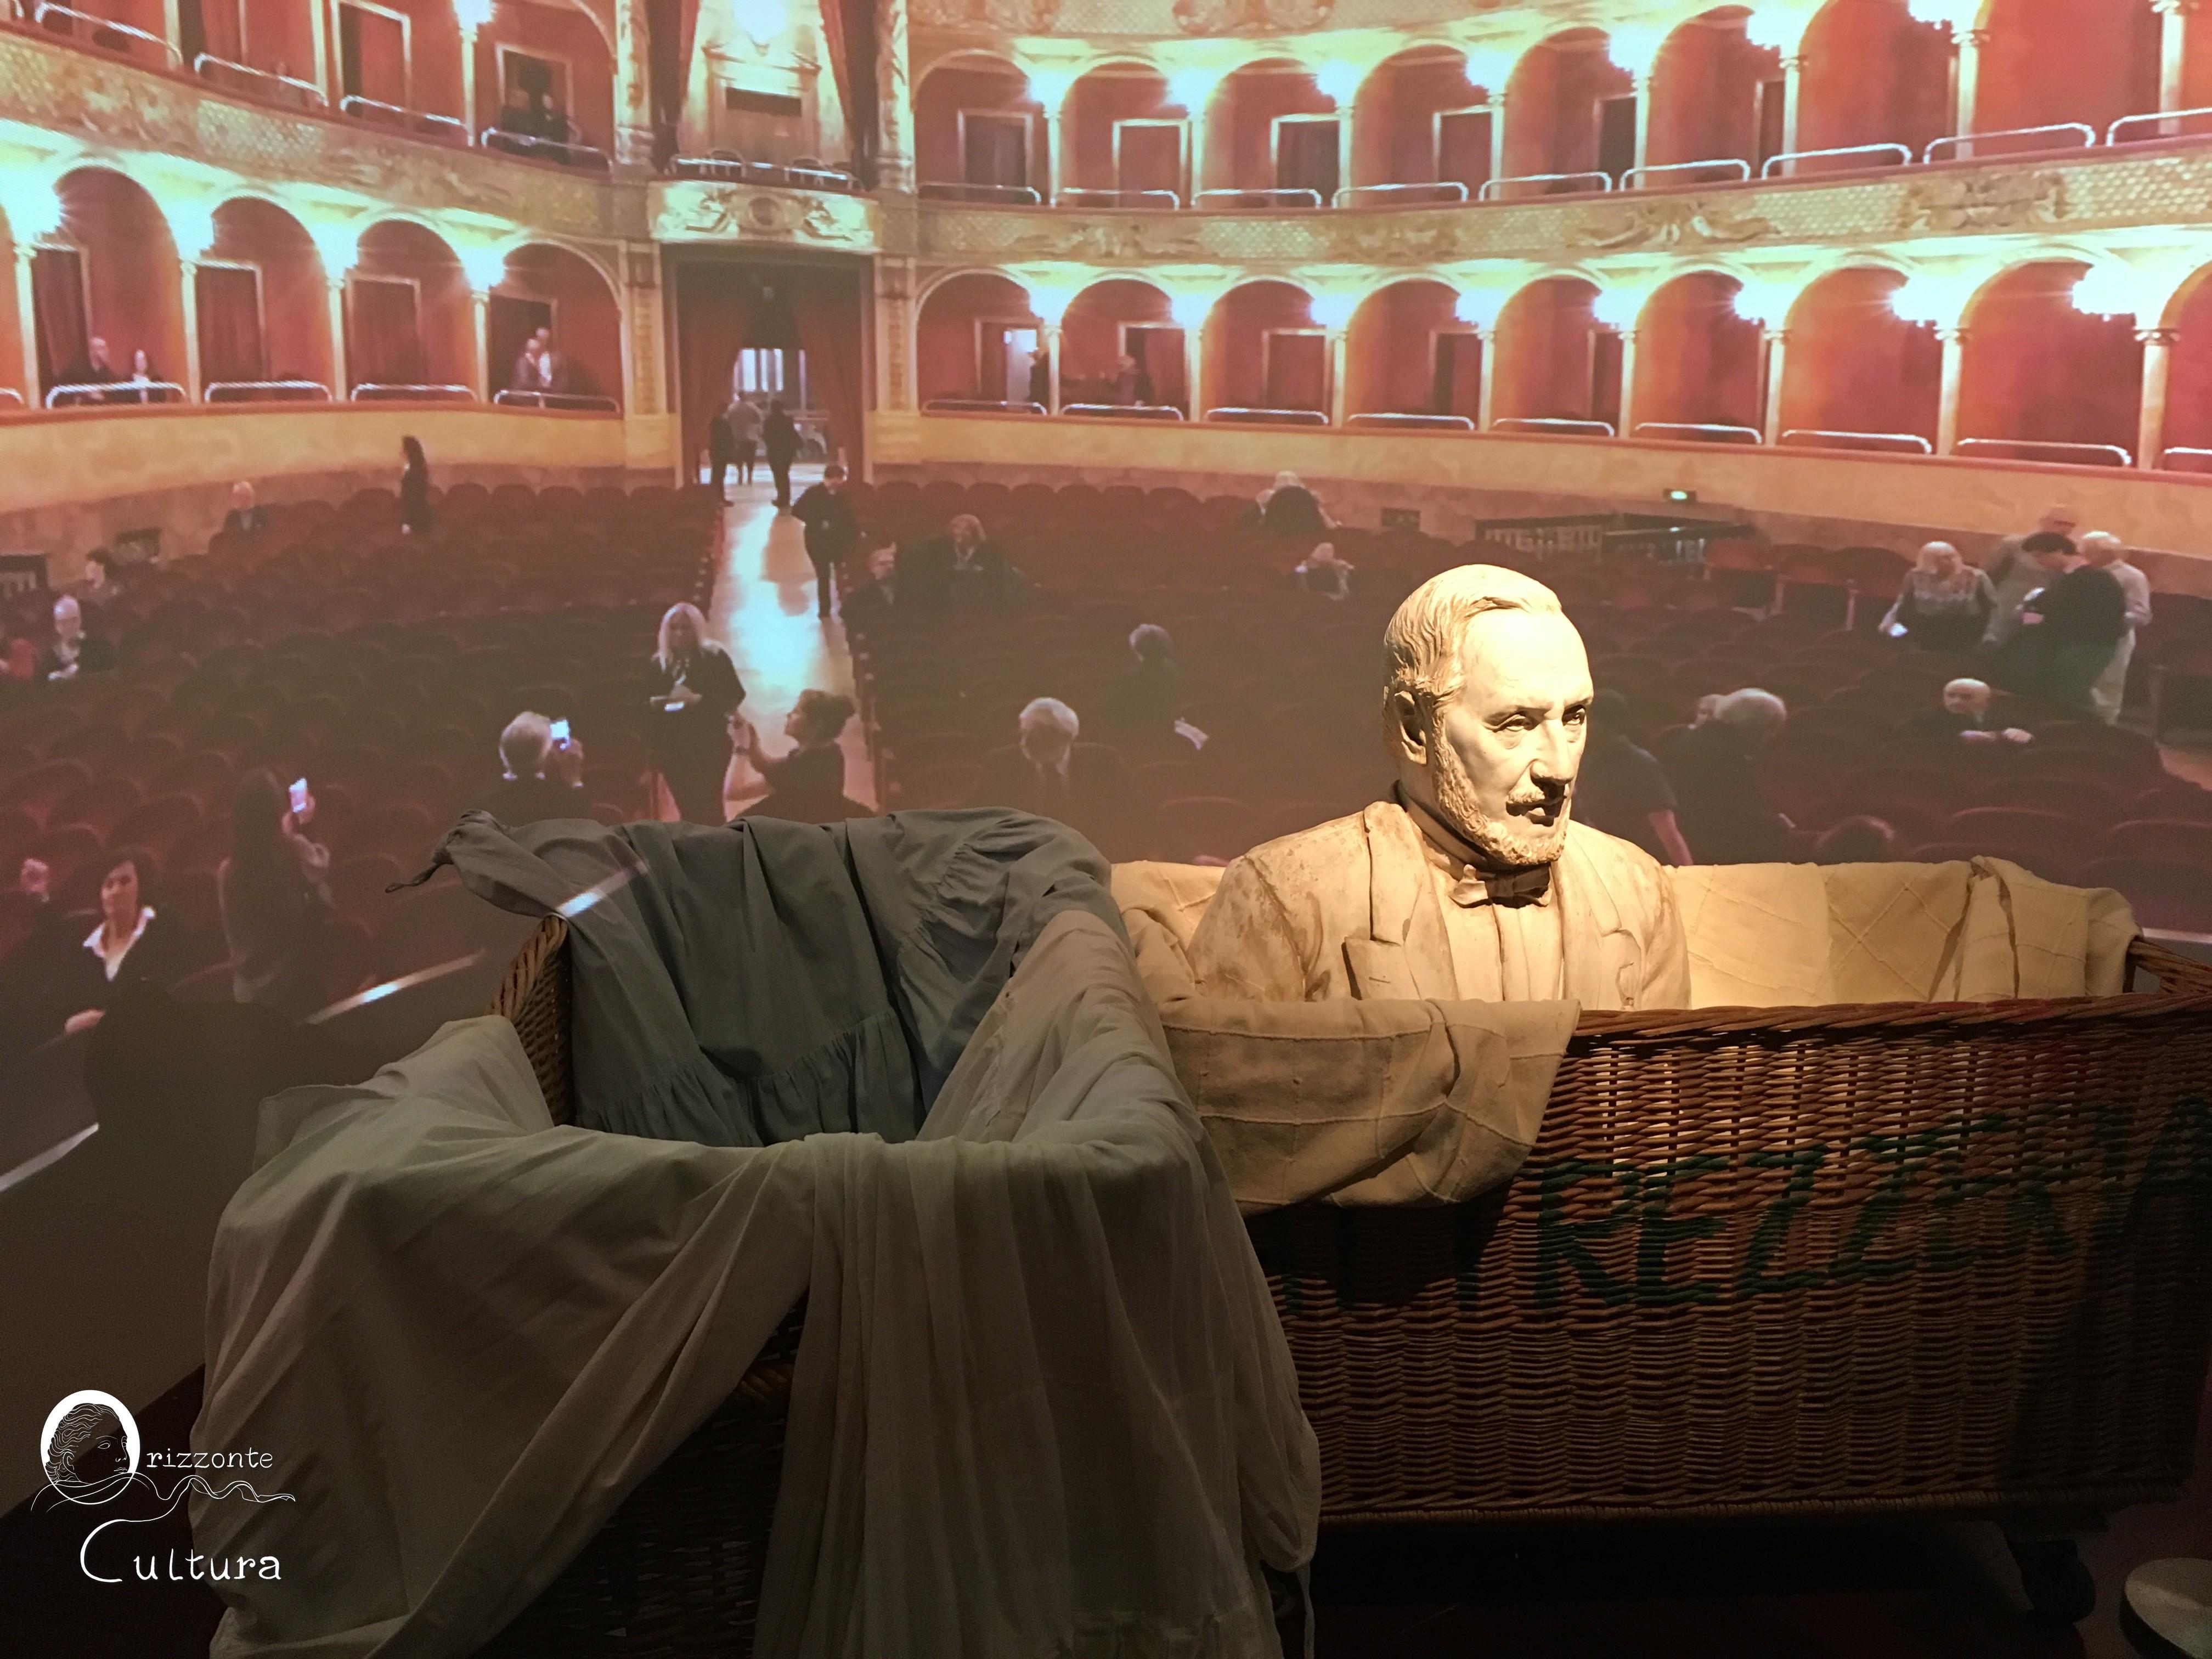 Artisti all'Opera, Palazzo Braschi 2 - Orizzonte Cultura